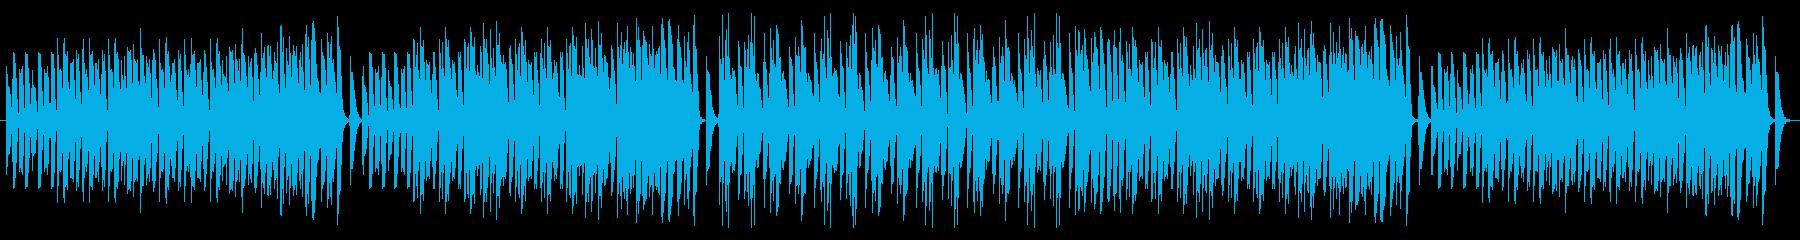 ピアノのみ使用したラグタイムですの再生済みの波形